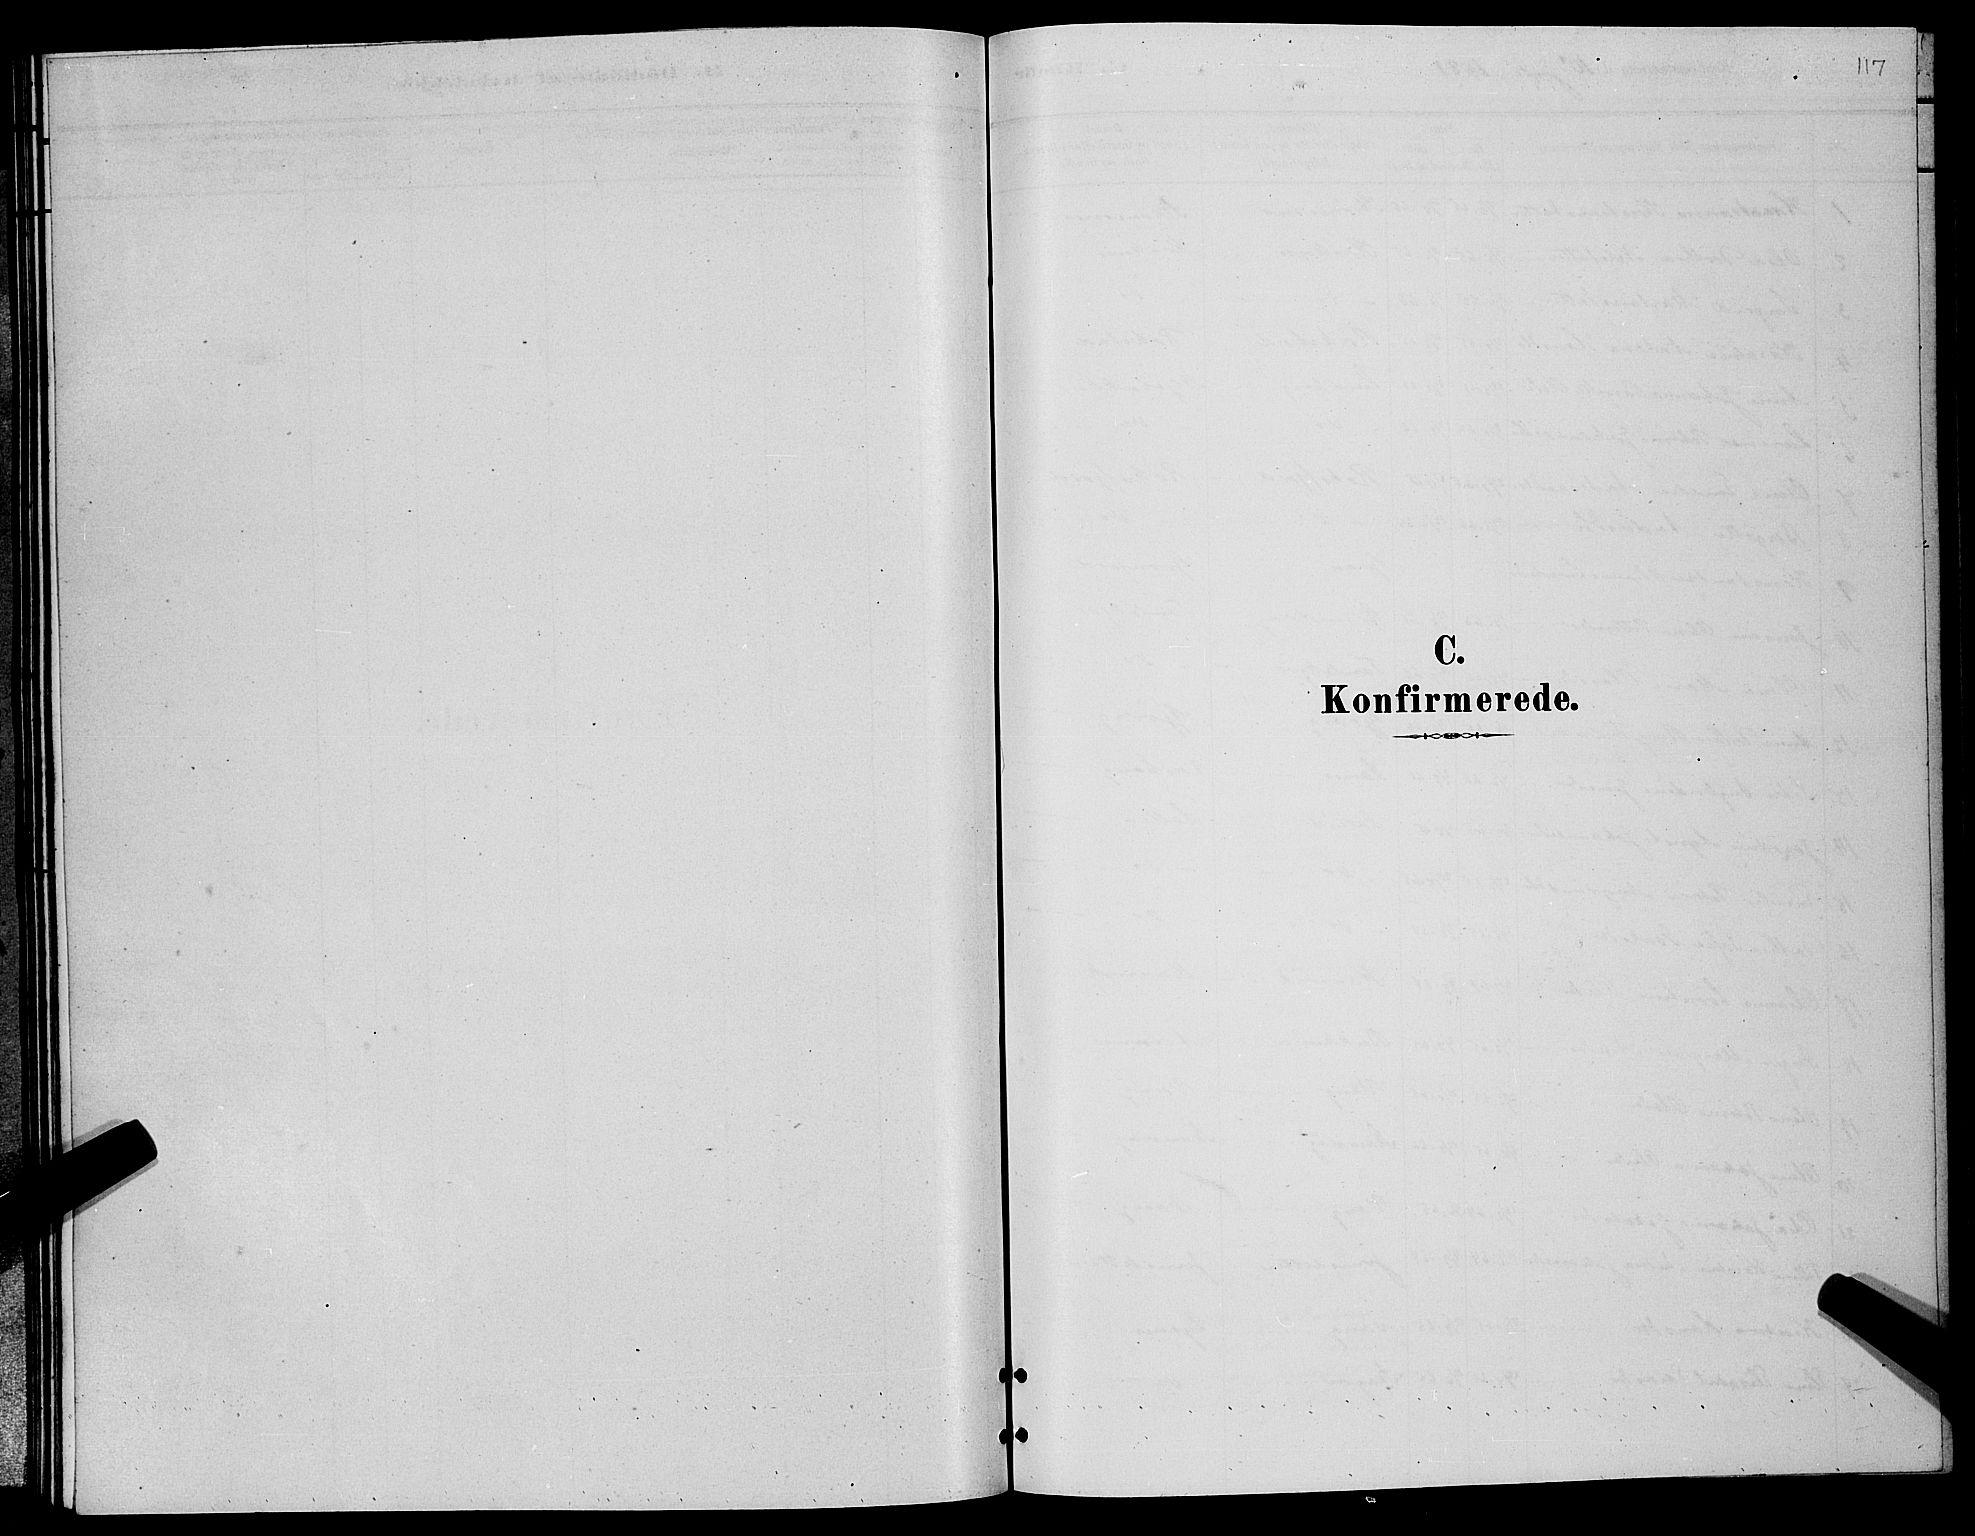 SATØ, Lenvik sokneprestembete, H/Ha: Klokkerbok nr. 6, 1881-1889, s. 117